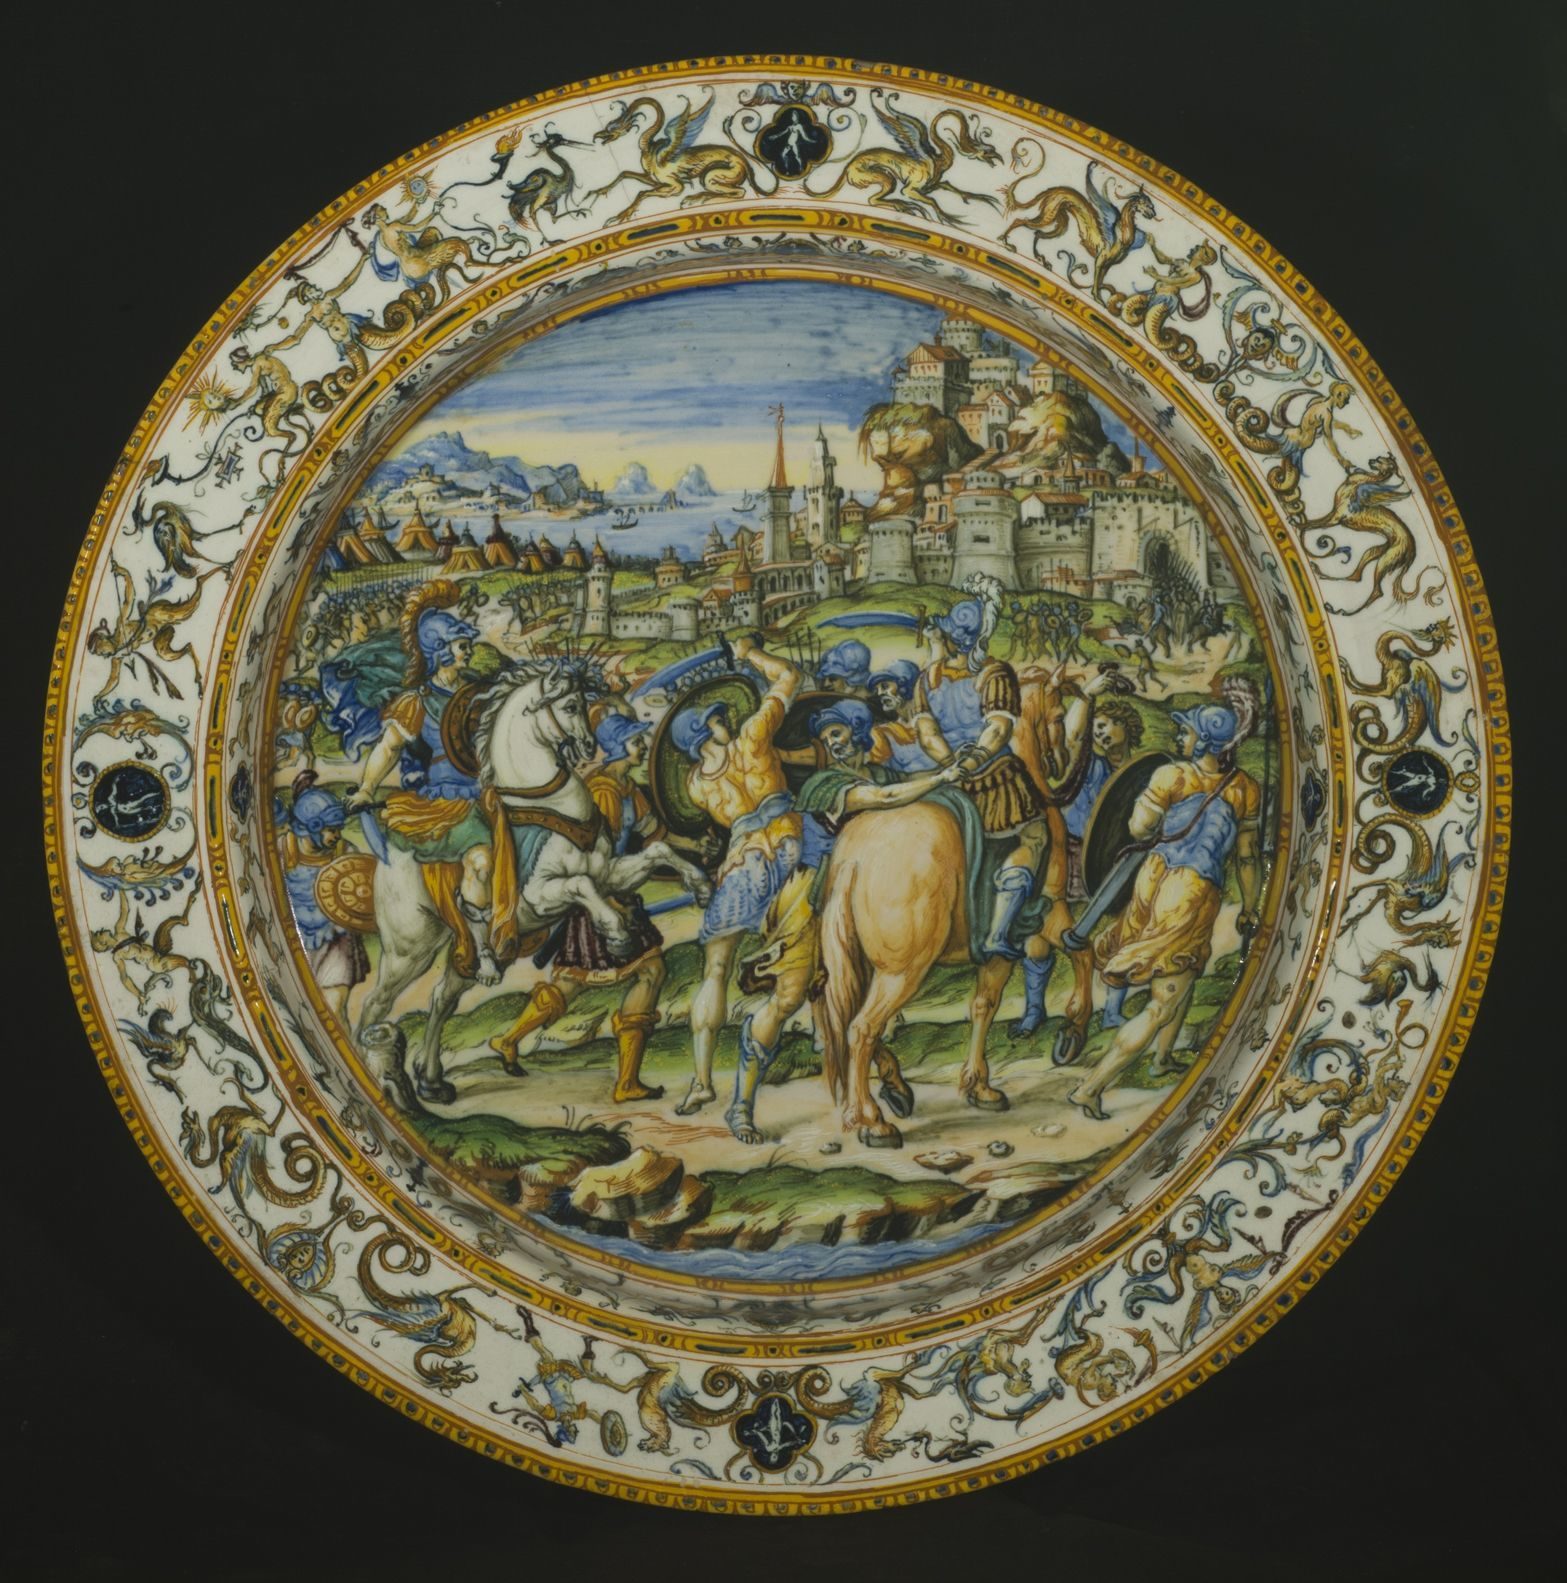 ウルビーノ窯、パタナッツィ工房《市民を救うカエサル》が描かれた大皿 1580–90年頃 バルジェッロ美術館 © Gabinetto Fotografico delle Gallerie degli Uffizi